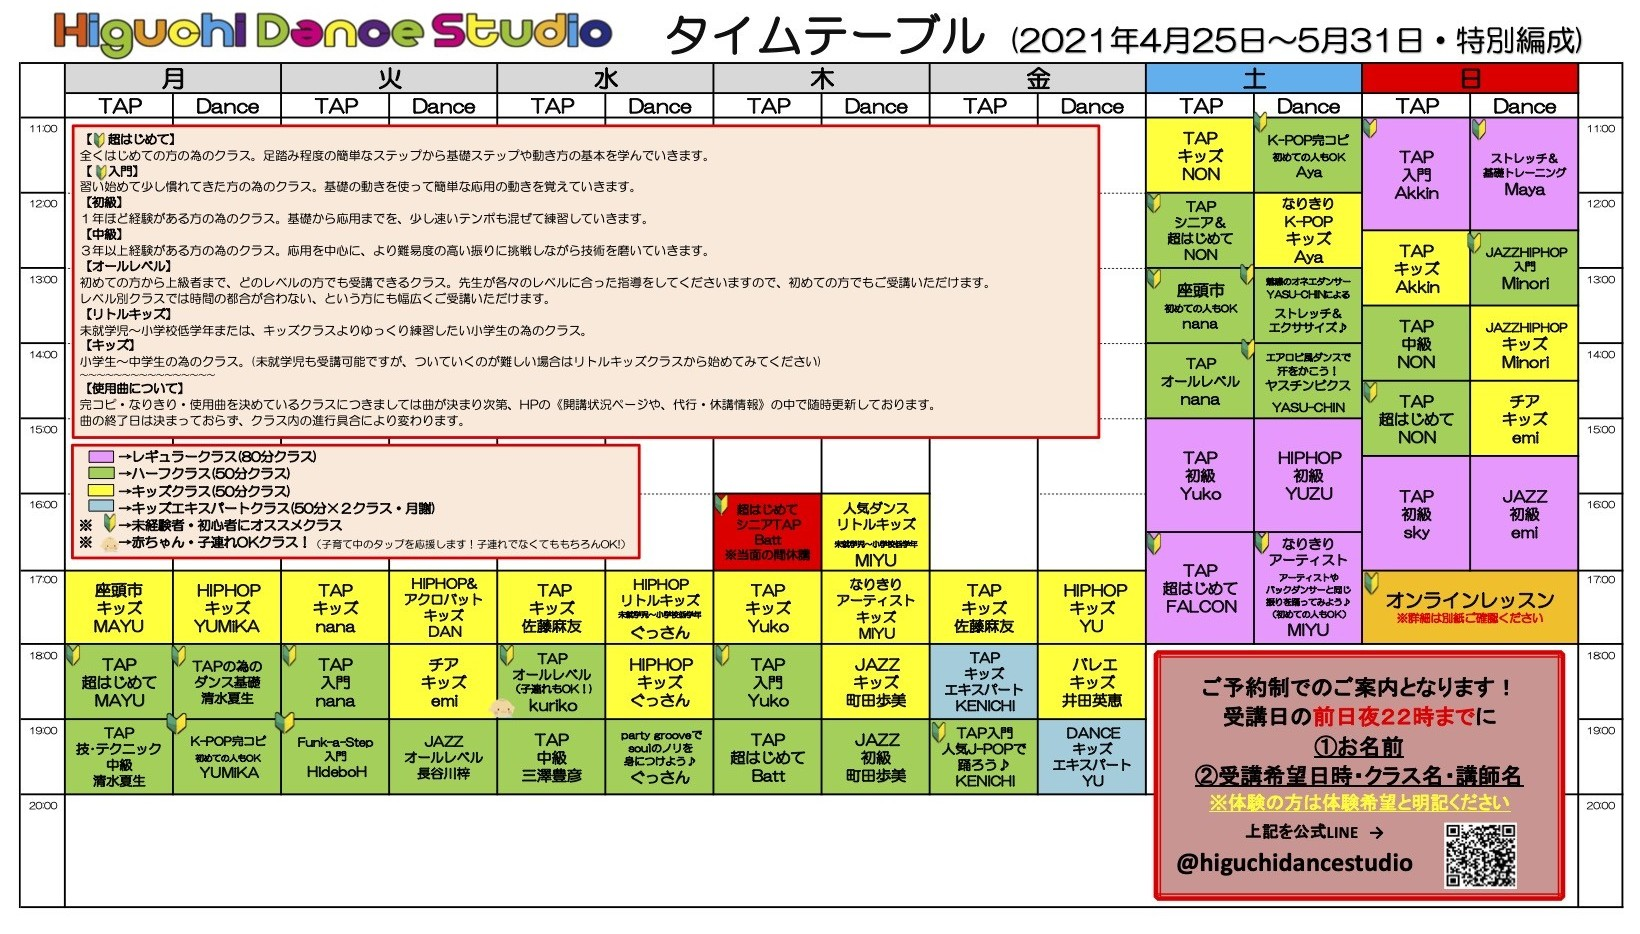 緊急事態宣言特別タイムテーブル2021.4.25~5.31